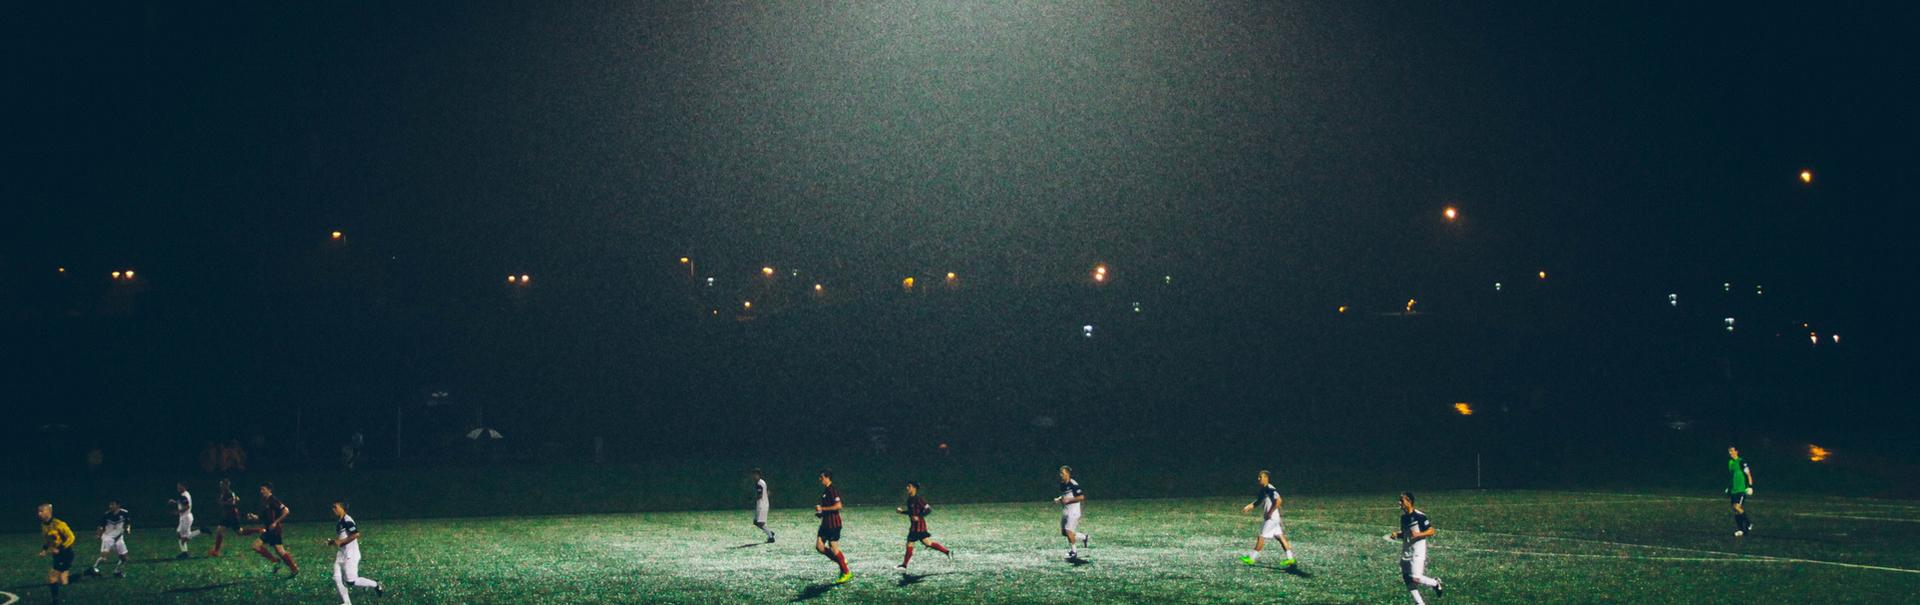 Amerikansk fotboll – en sport som kräver mycket utrustning